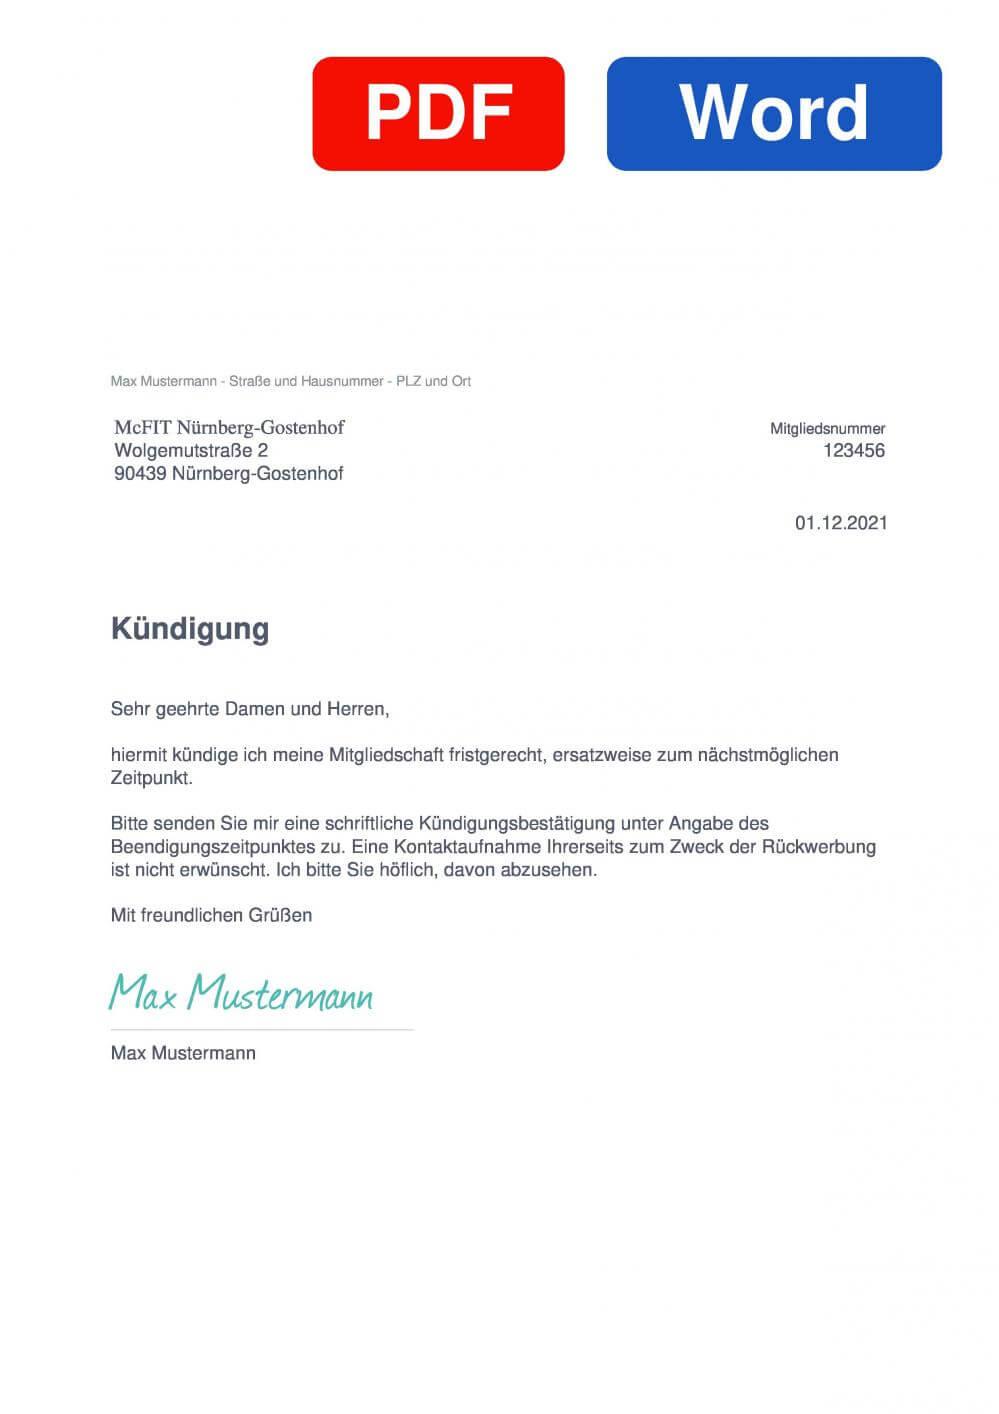 McFIT Nürnberg-Gostenhof Muster Vorlage für Kündigungsschreiben